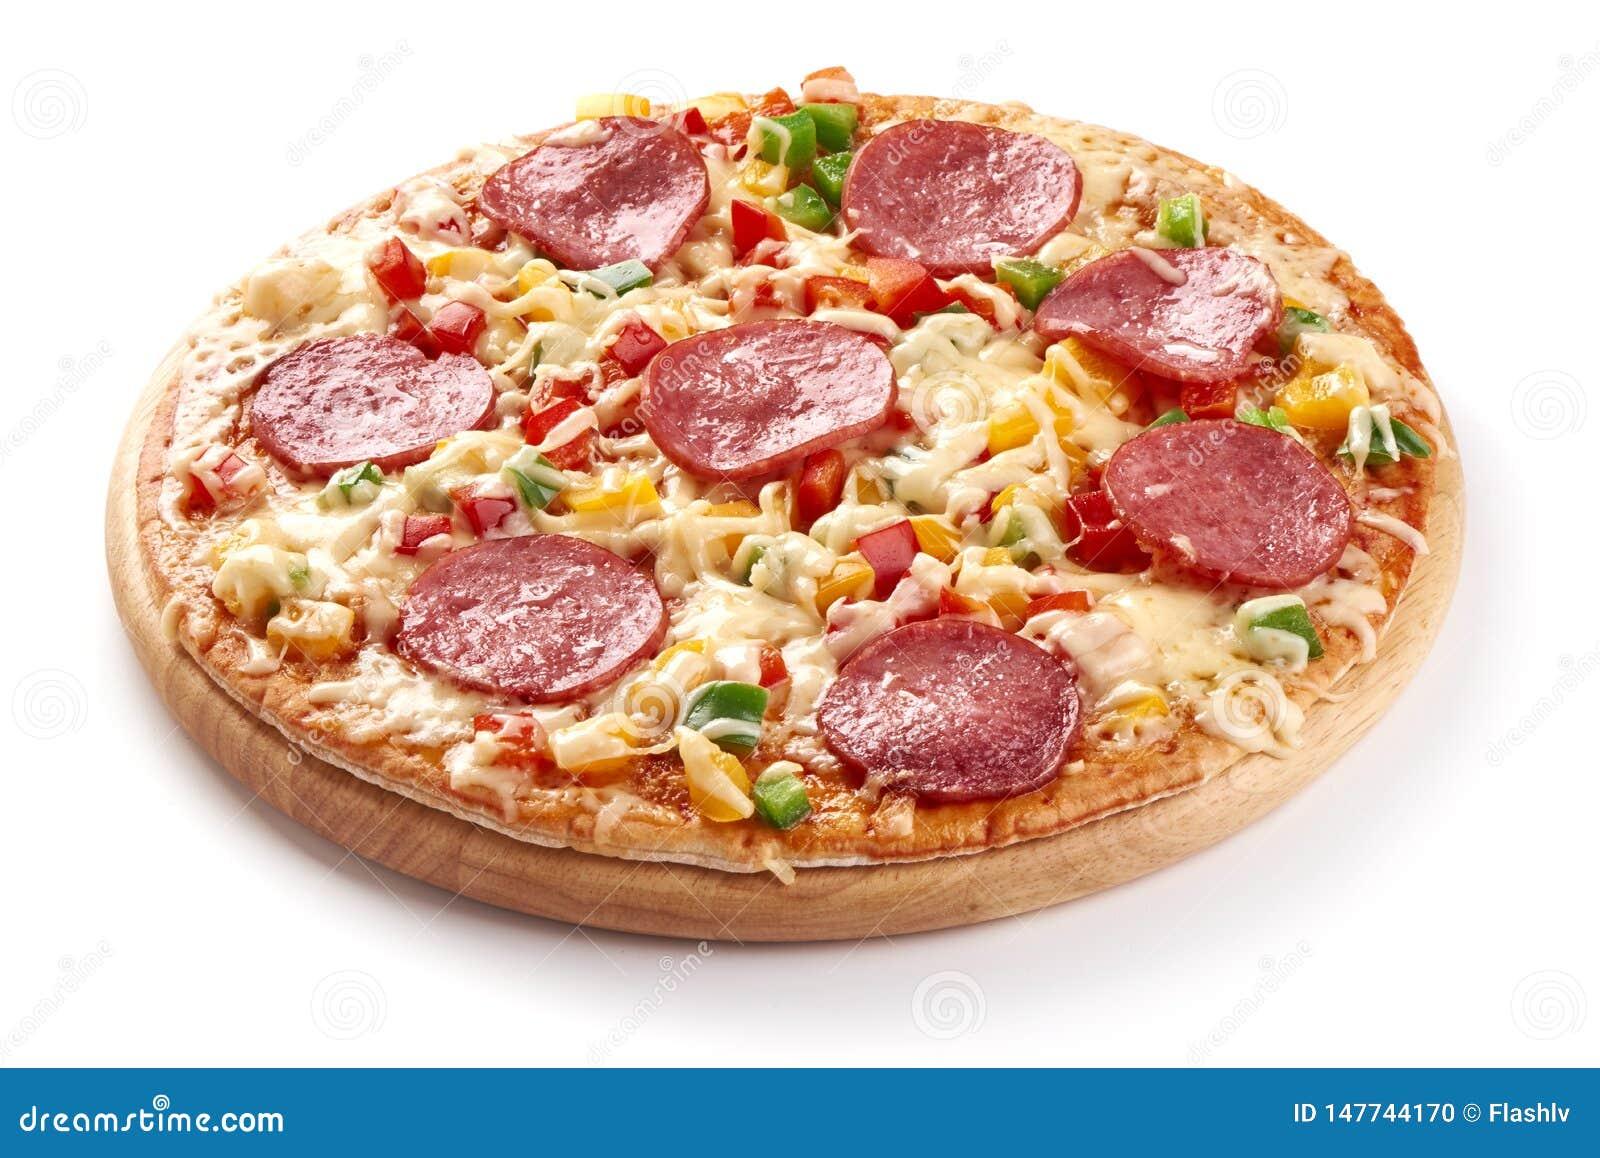 Πρόσφατα ψημένη ιταλική πίτσα με το τυρί και το τεμαχισμένο σαλάμι, που απομονώνονται στο άσπρο υπόβαθρο